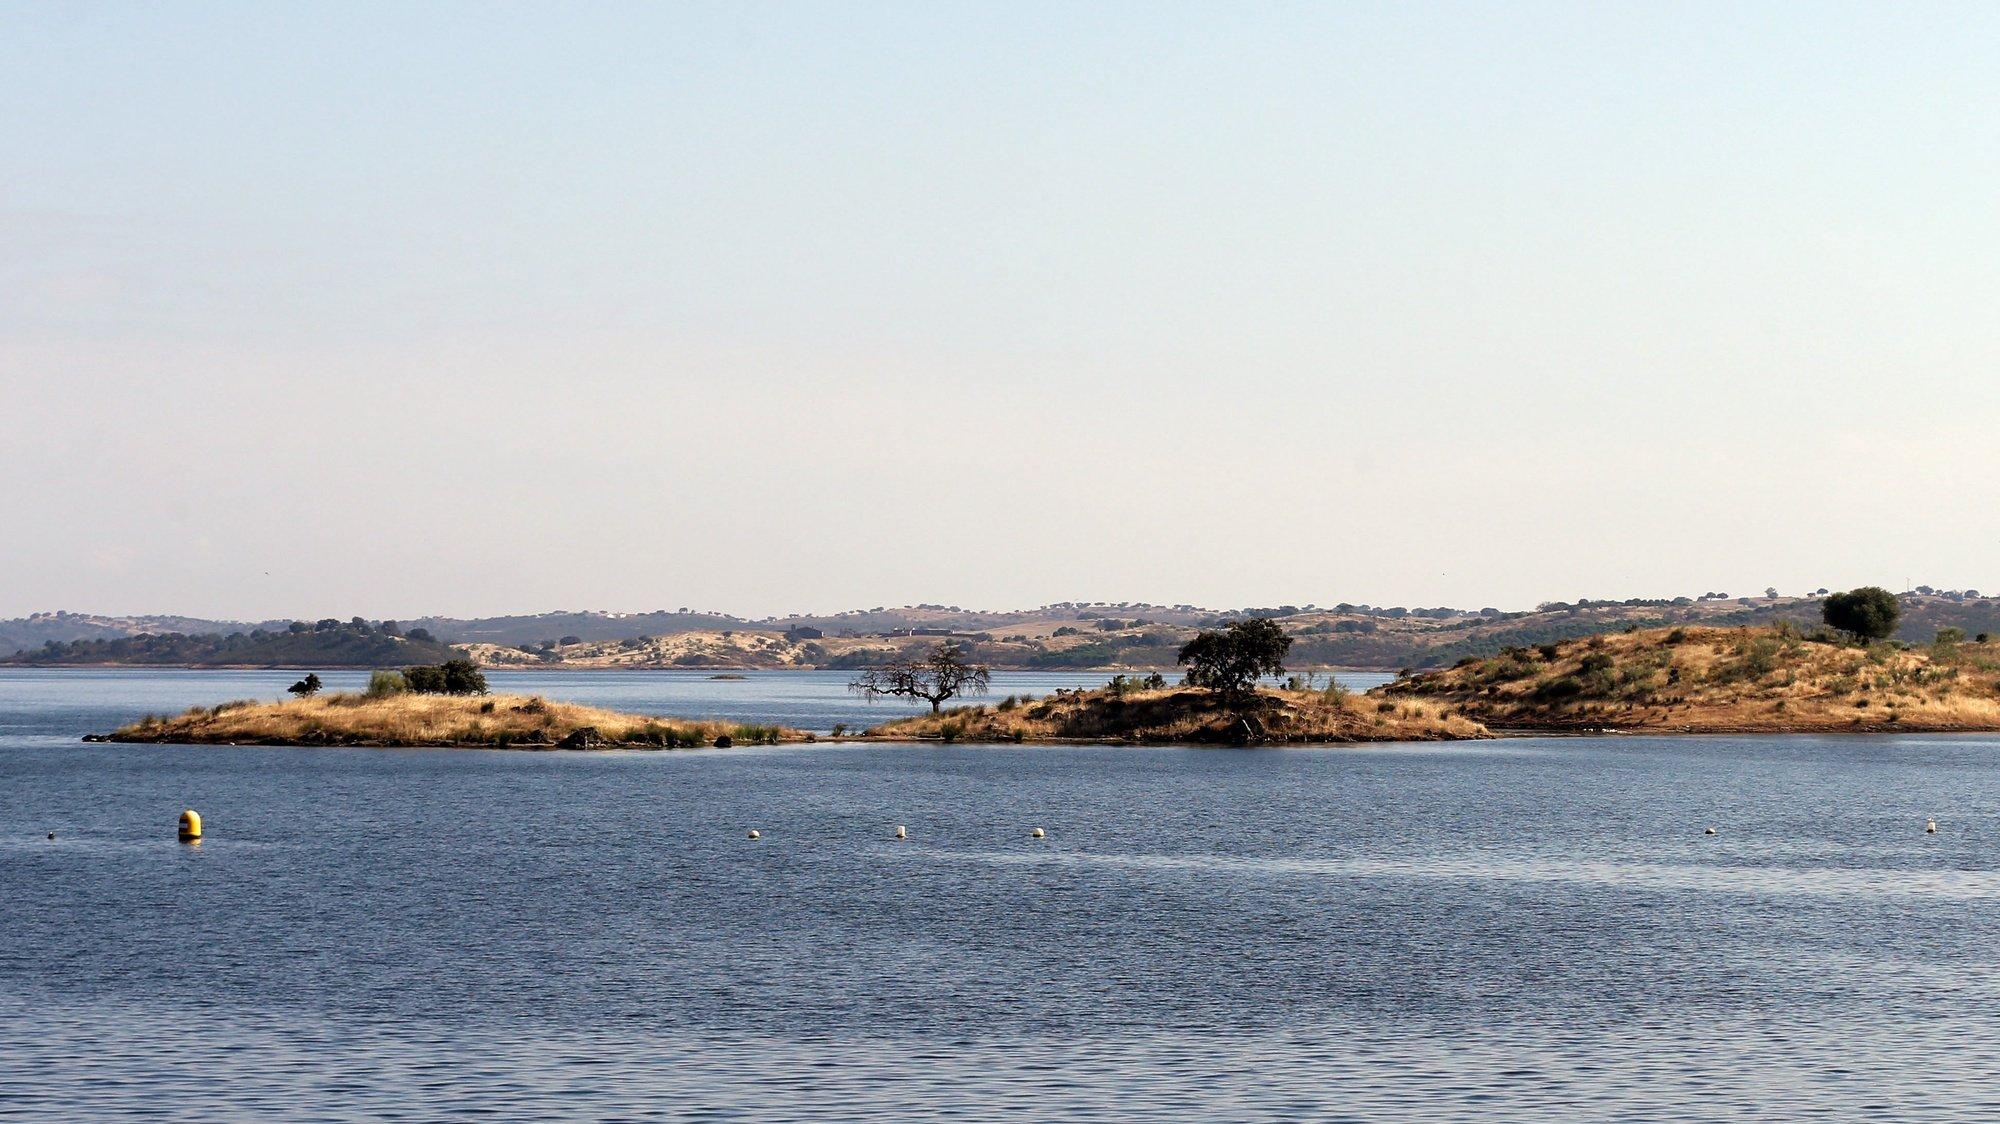 Perspetiva do lago da Barragem de Alqueva, que está hoje a acerca de 90% da sua capacidade, a apenas dois metros da sua quota máxima. Moura, 03 de julho de 2018. NUNO VEIGA/LUSA